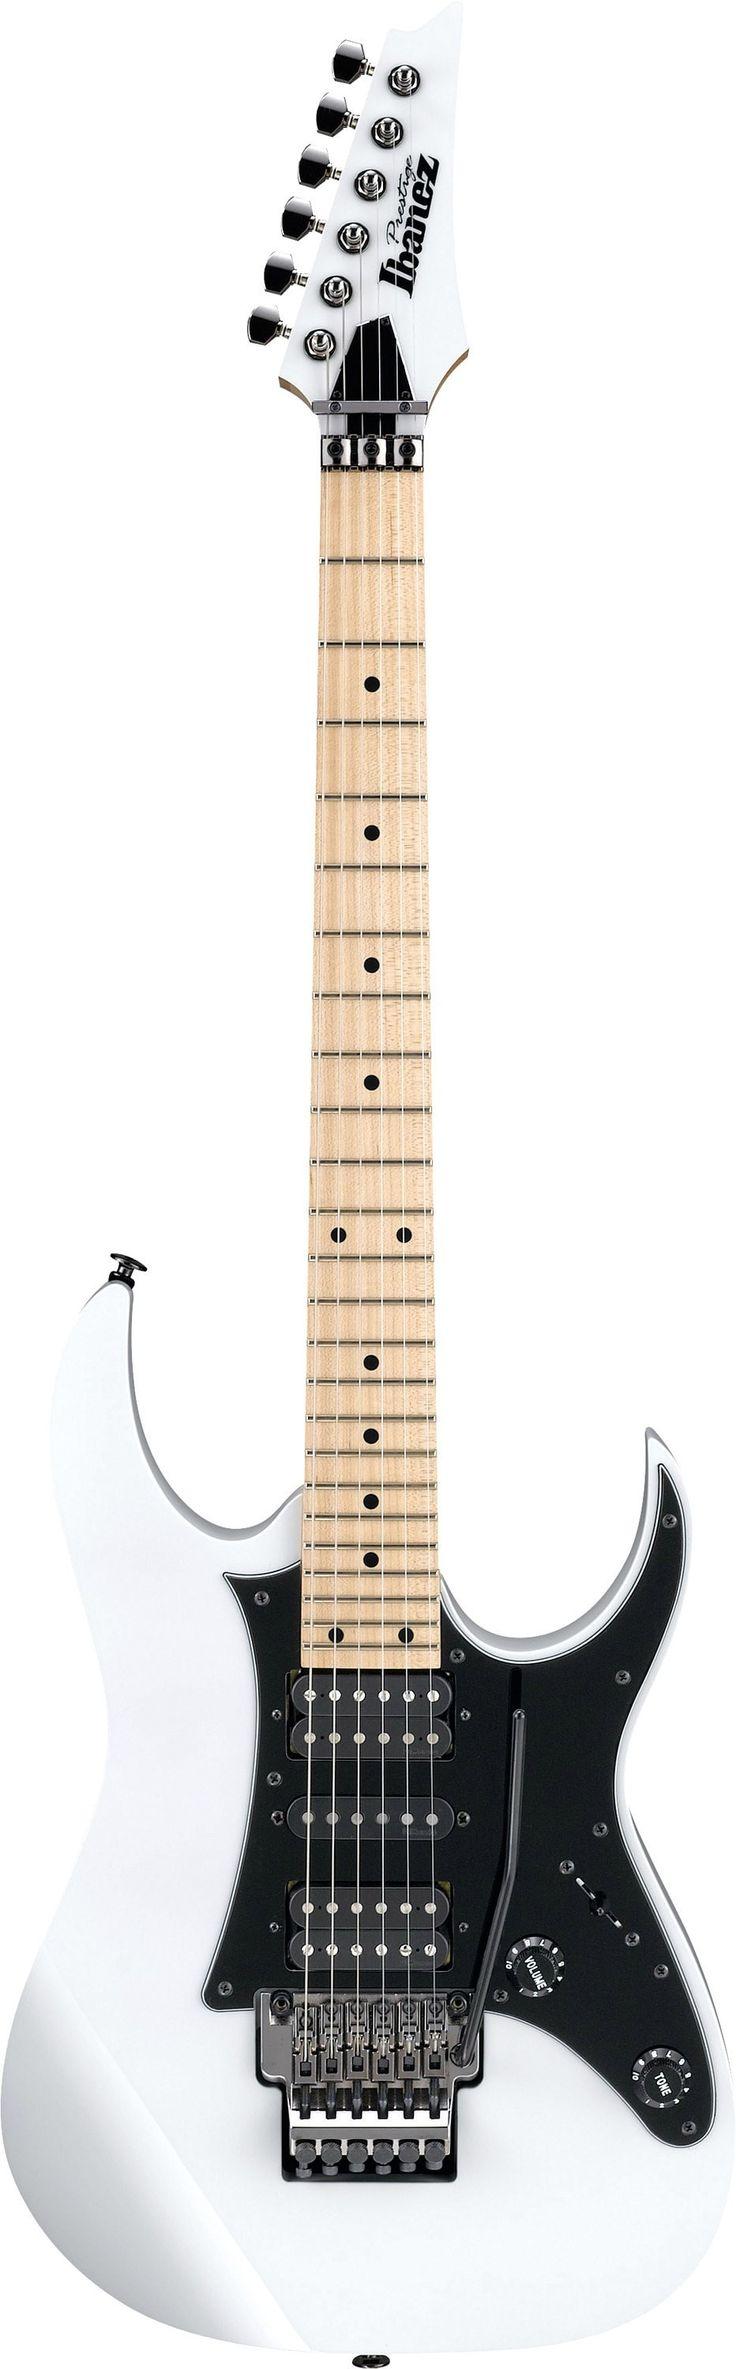 Ibanez RG655M Prestige RG Electric Guitar